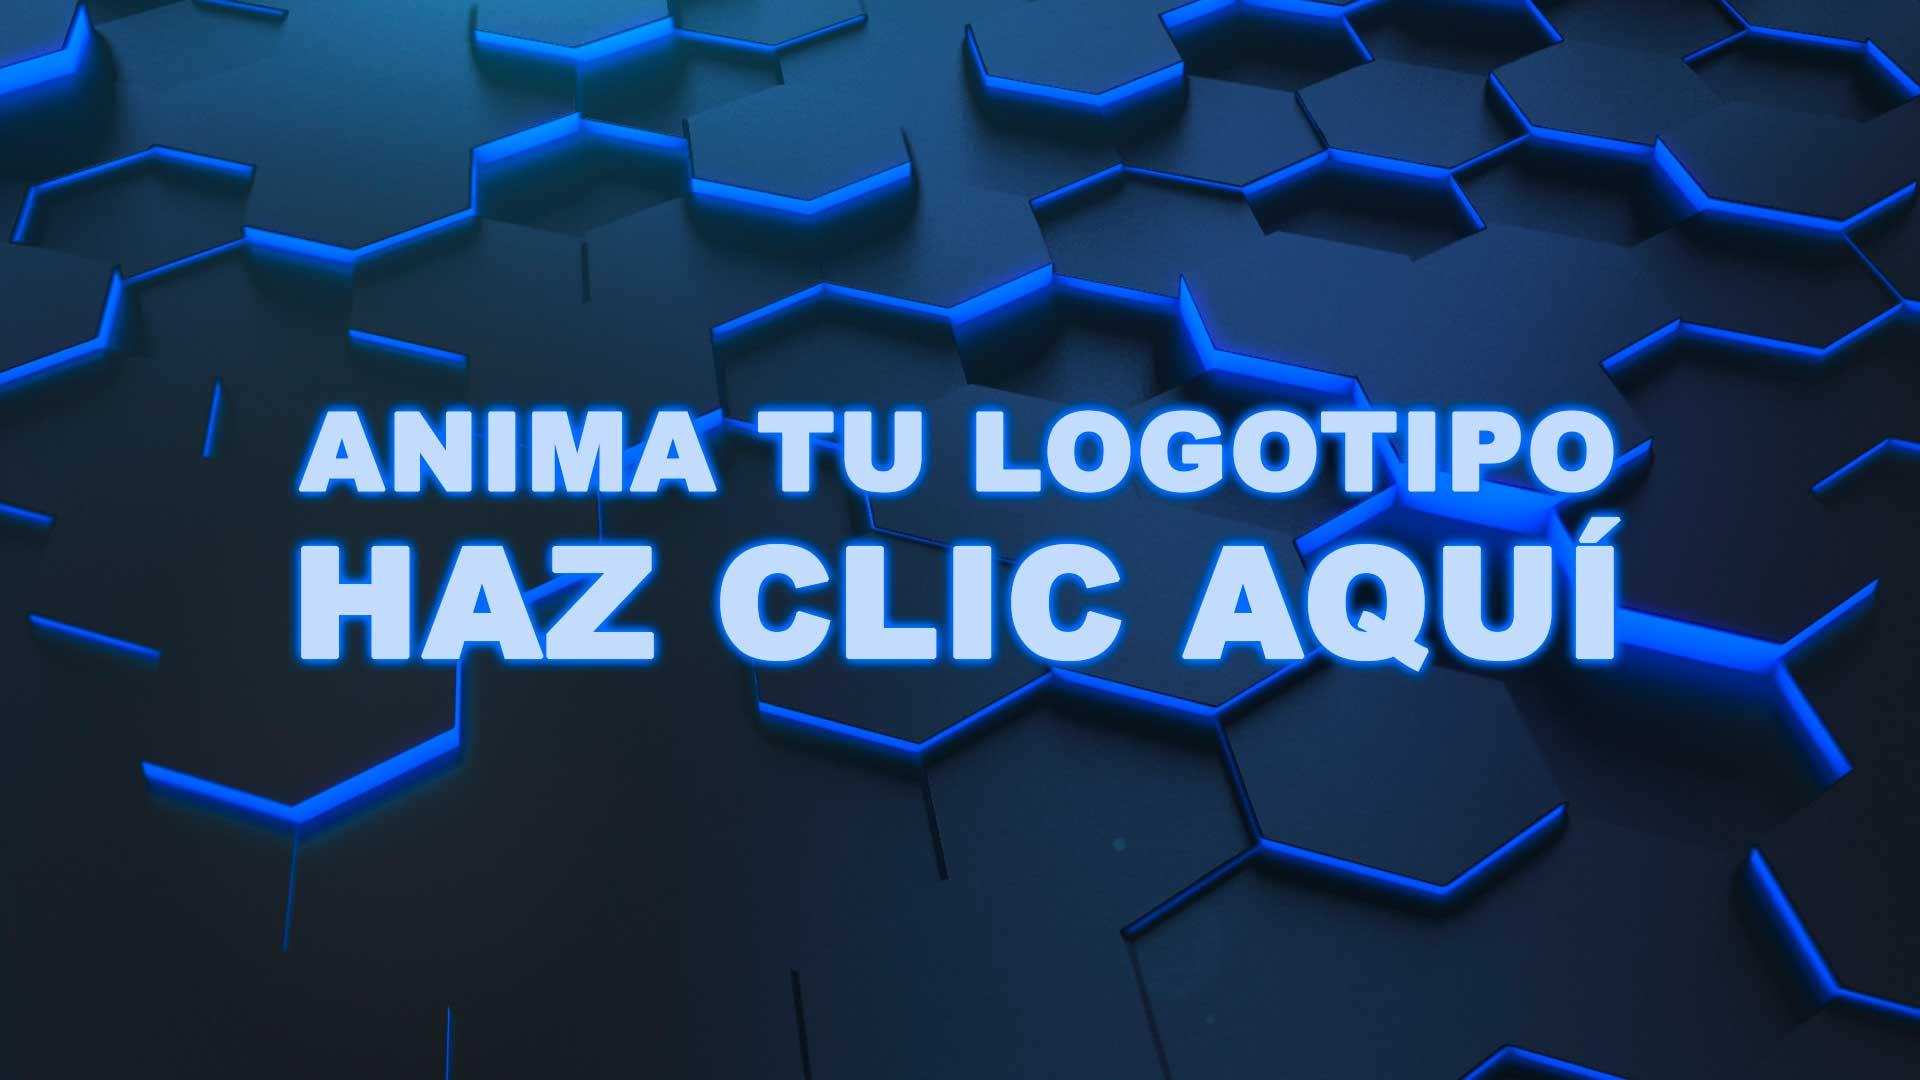 Anima-tu-logotipo-haz-clic-aqui-animarlogo-animar-logo